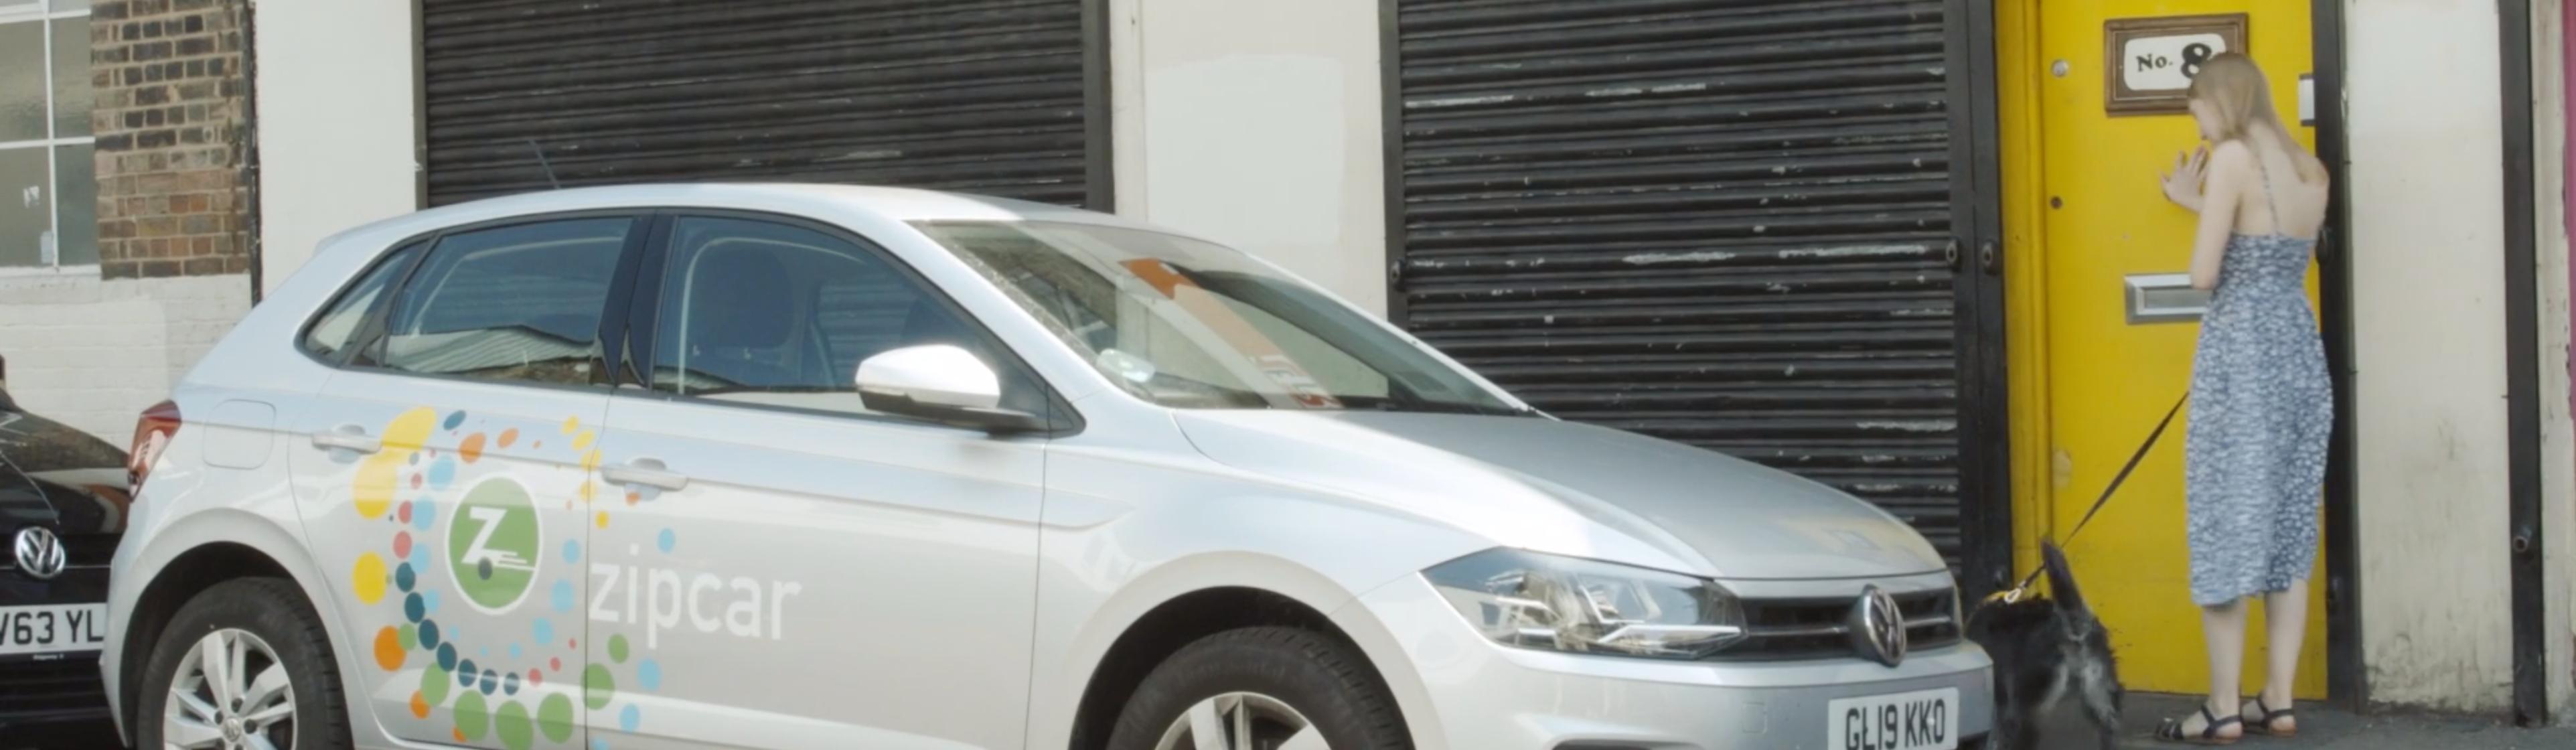 zipcar flex hackney